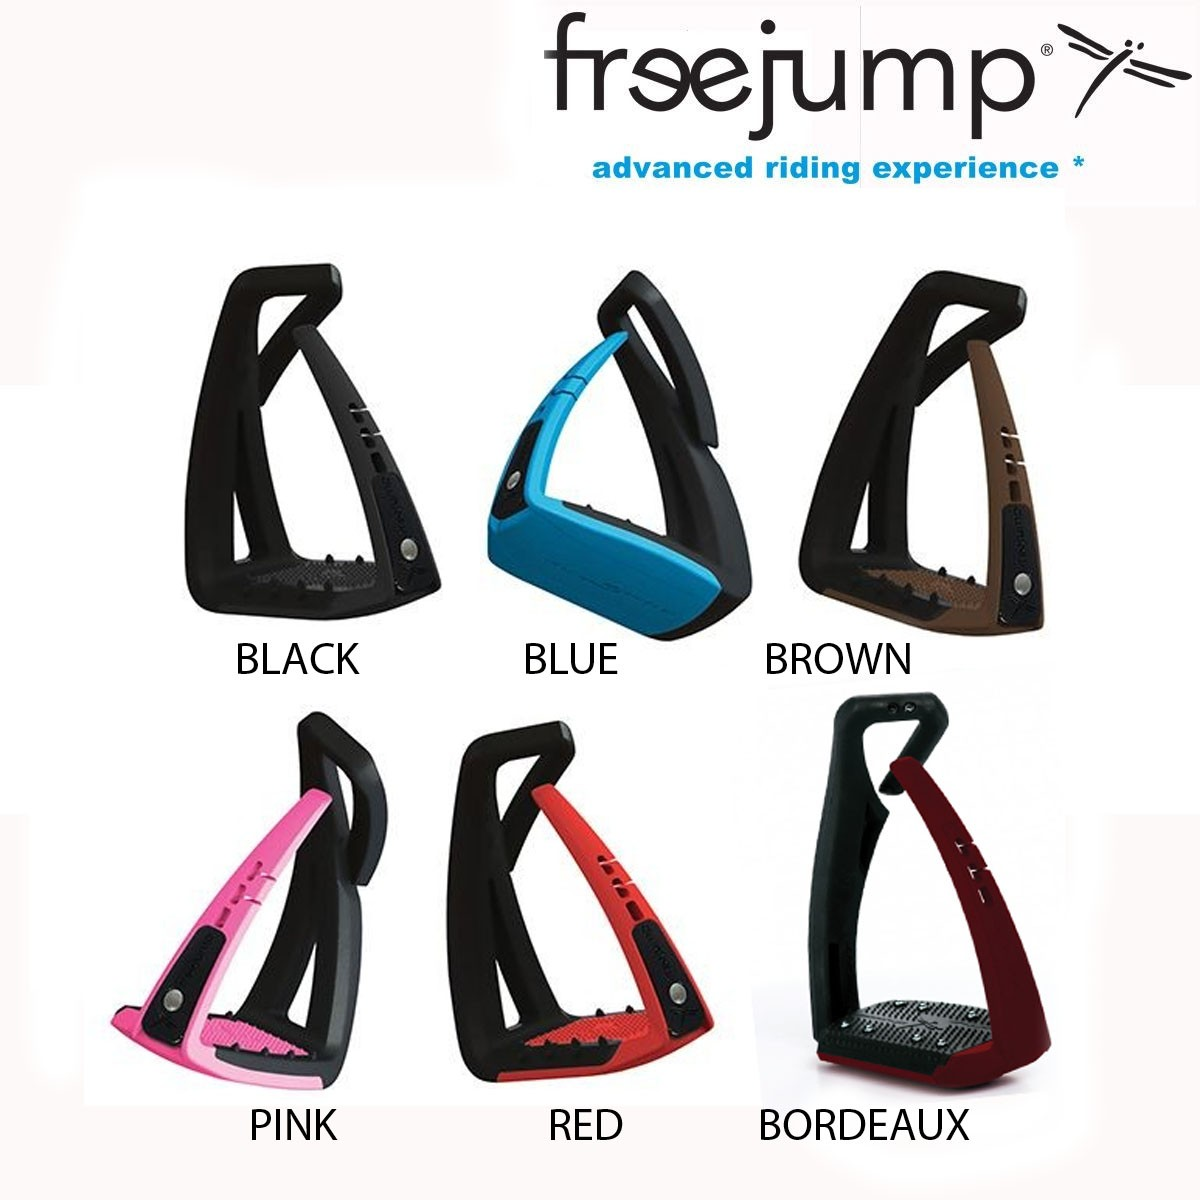 freejump_colours_1